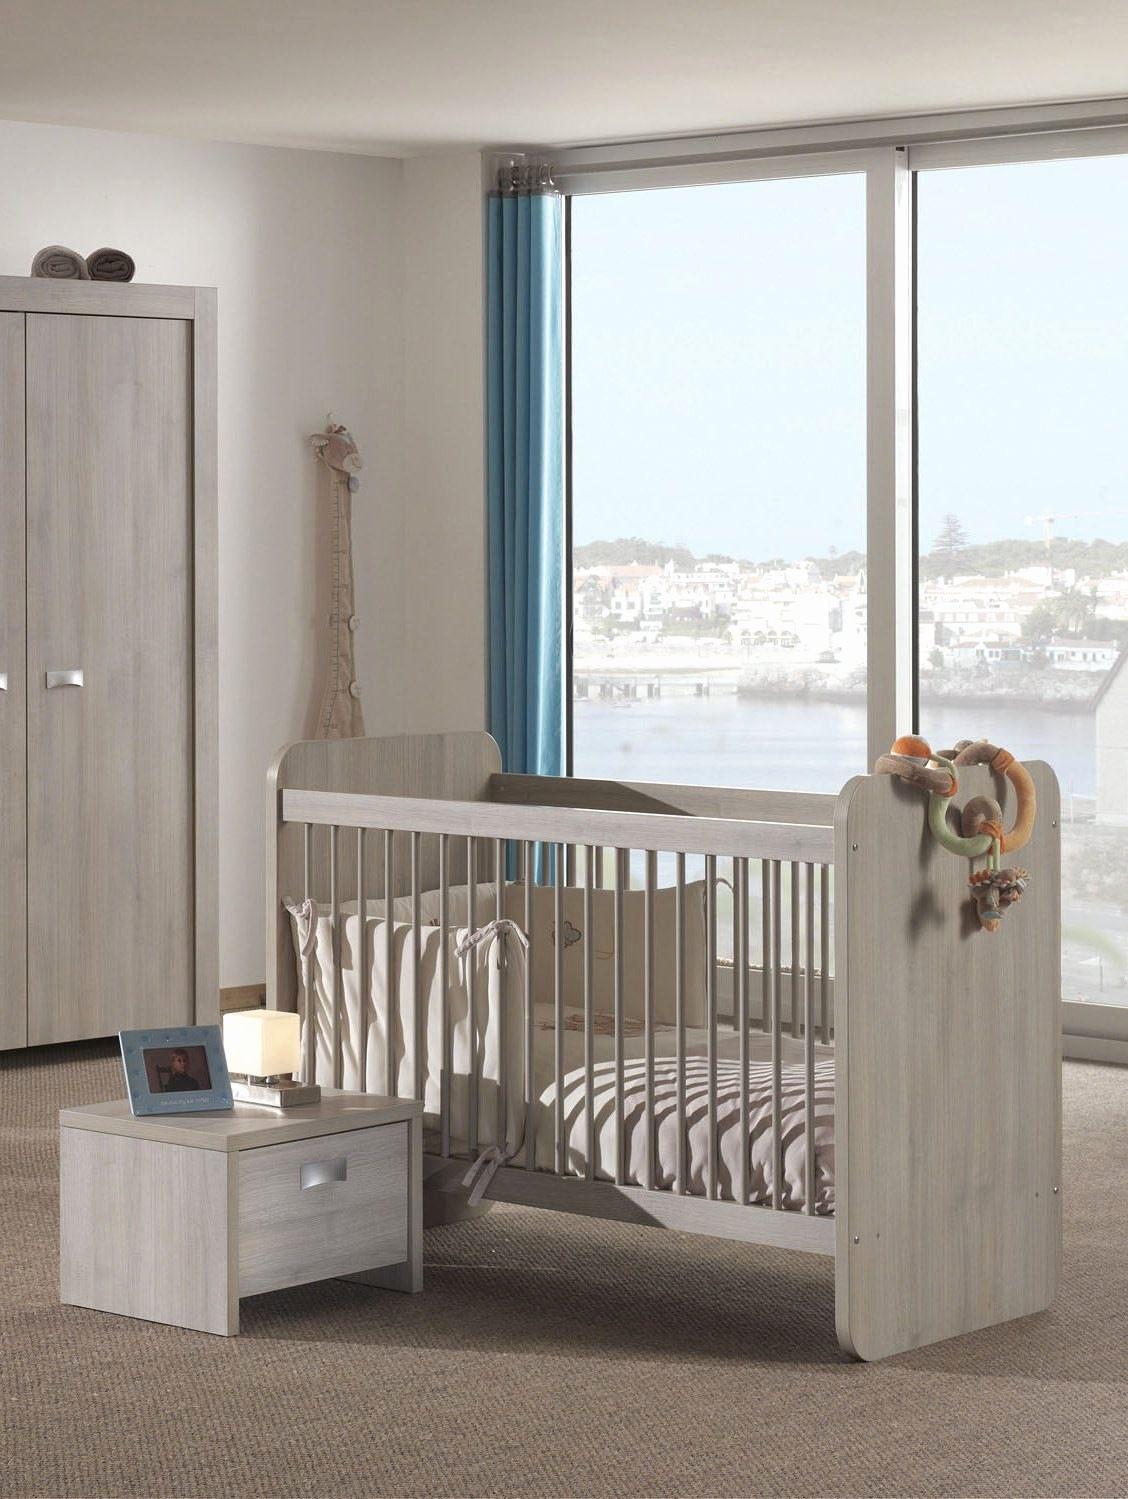 Lit Pliant Bébé Fraîche Lit Bébé Design Matelas Pour Bébé Conception Impressionnante Parc B